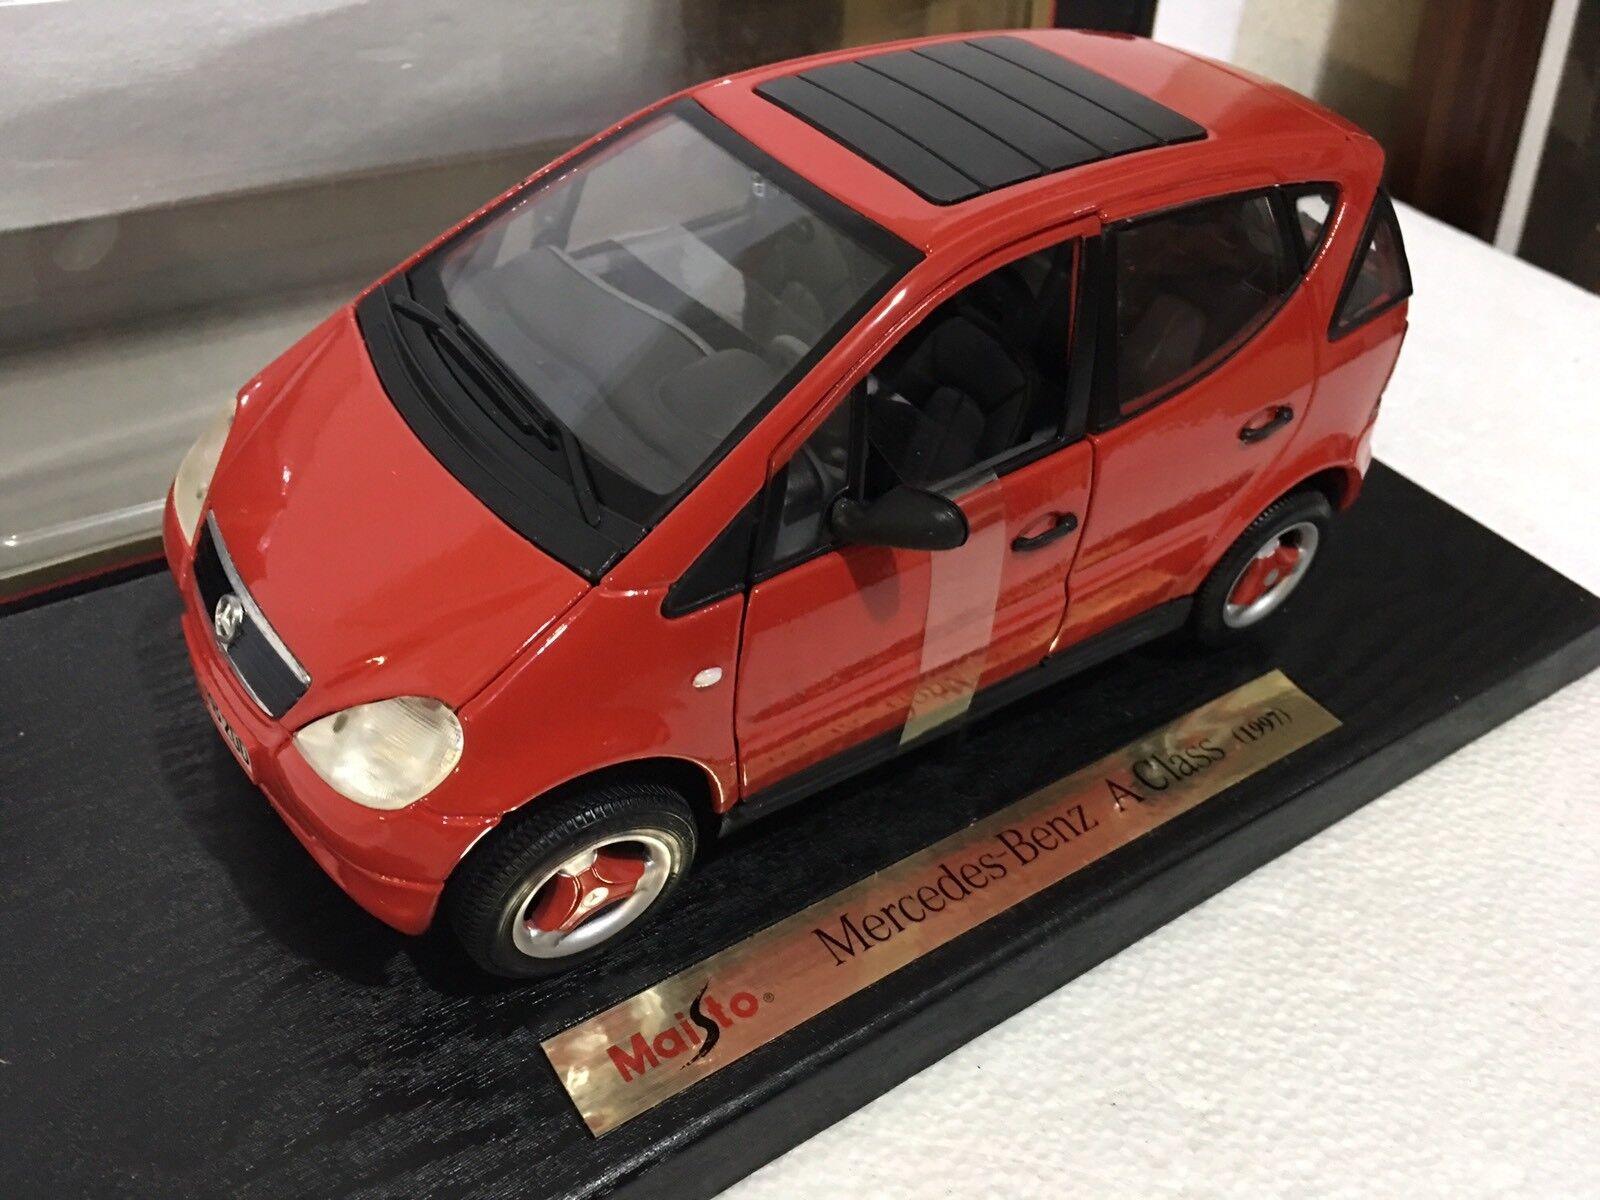 Maisto Special Edition 1 18 Scale Mercedes-Benz  A-Class (1997) 31841  centre commercial professionnel intégré en ligne